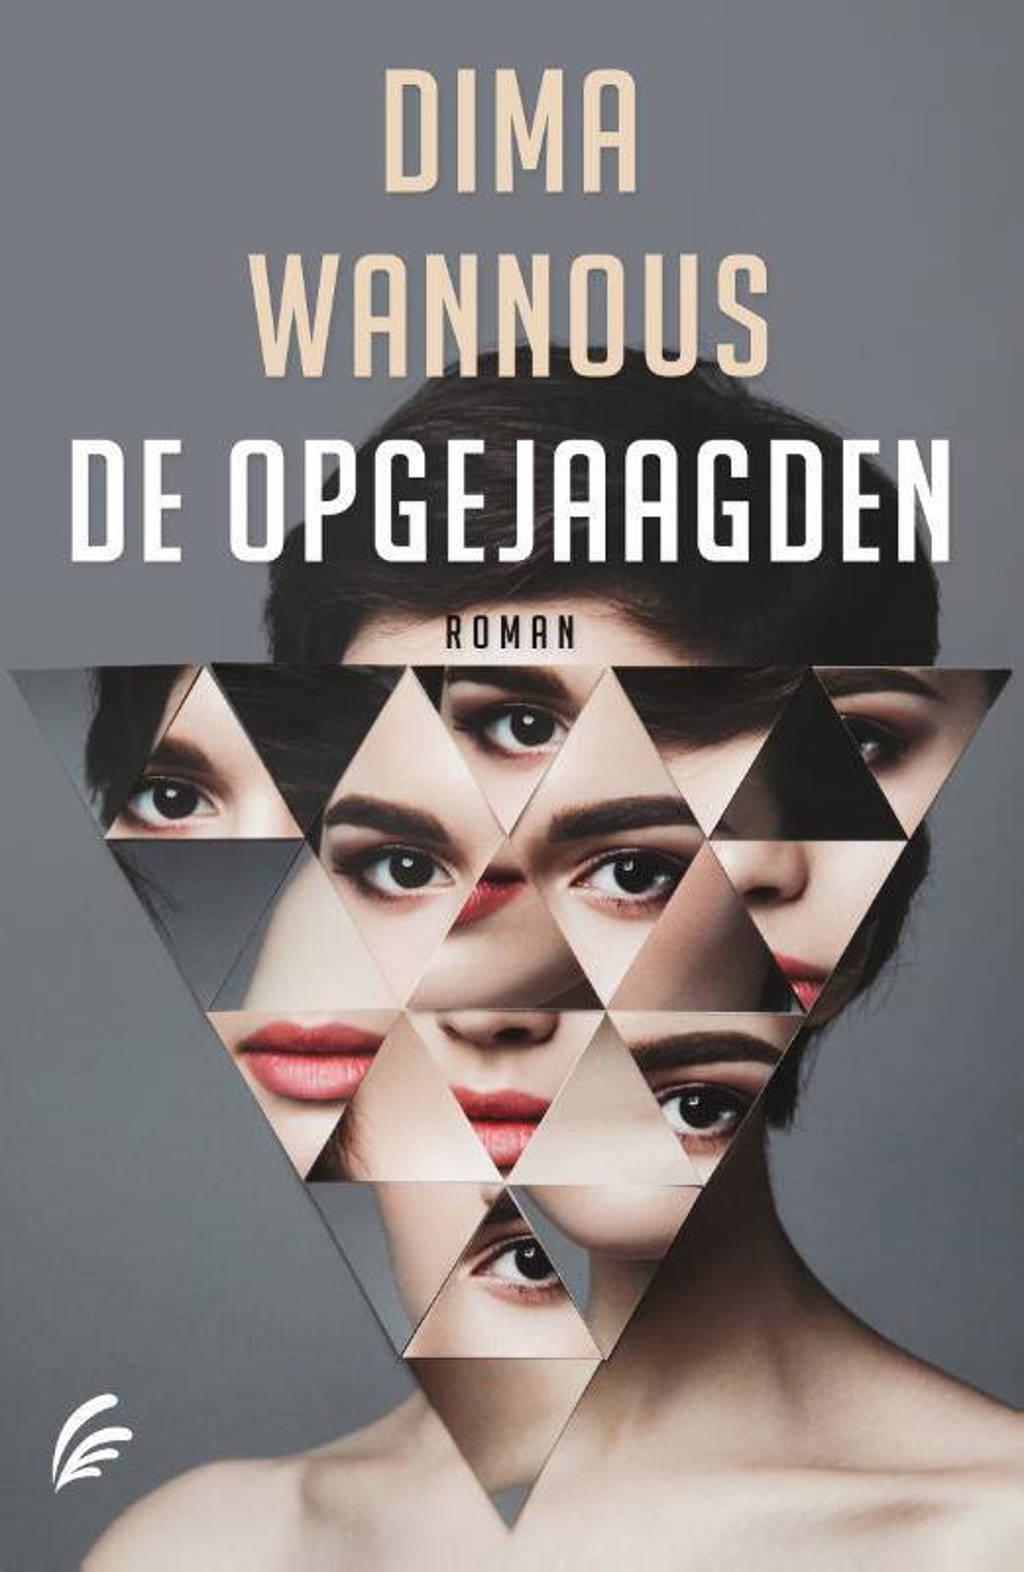 De opgejaagden - Dima Wannous